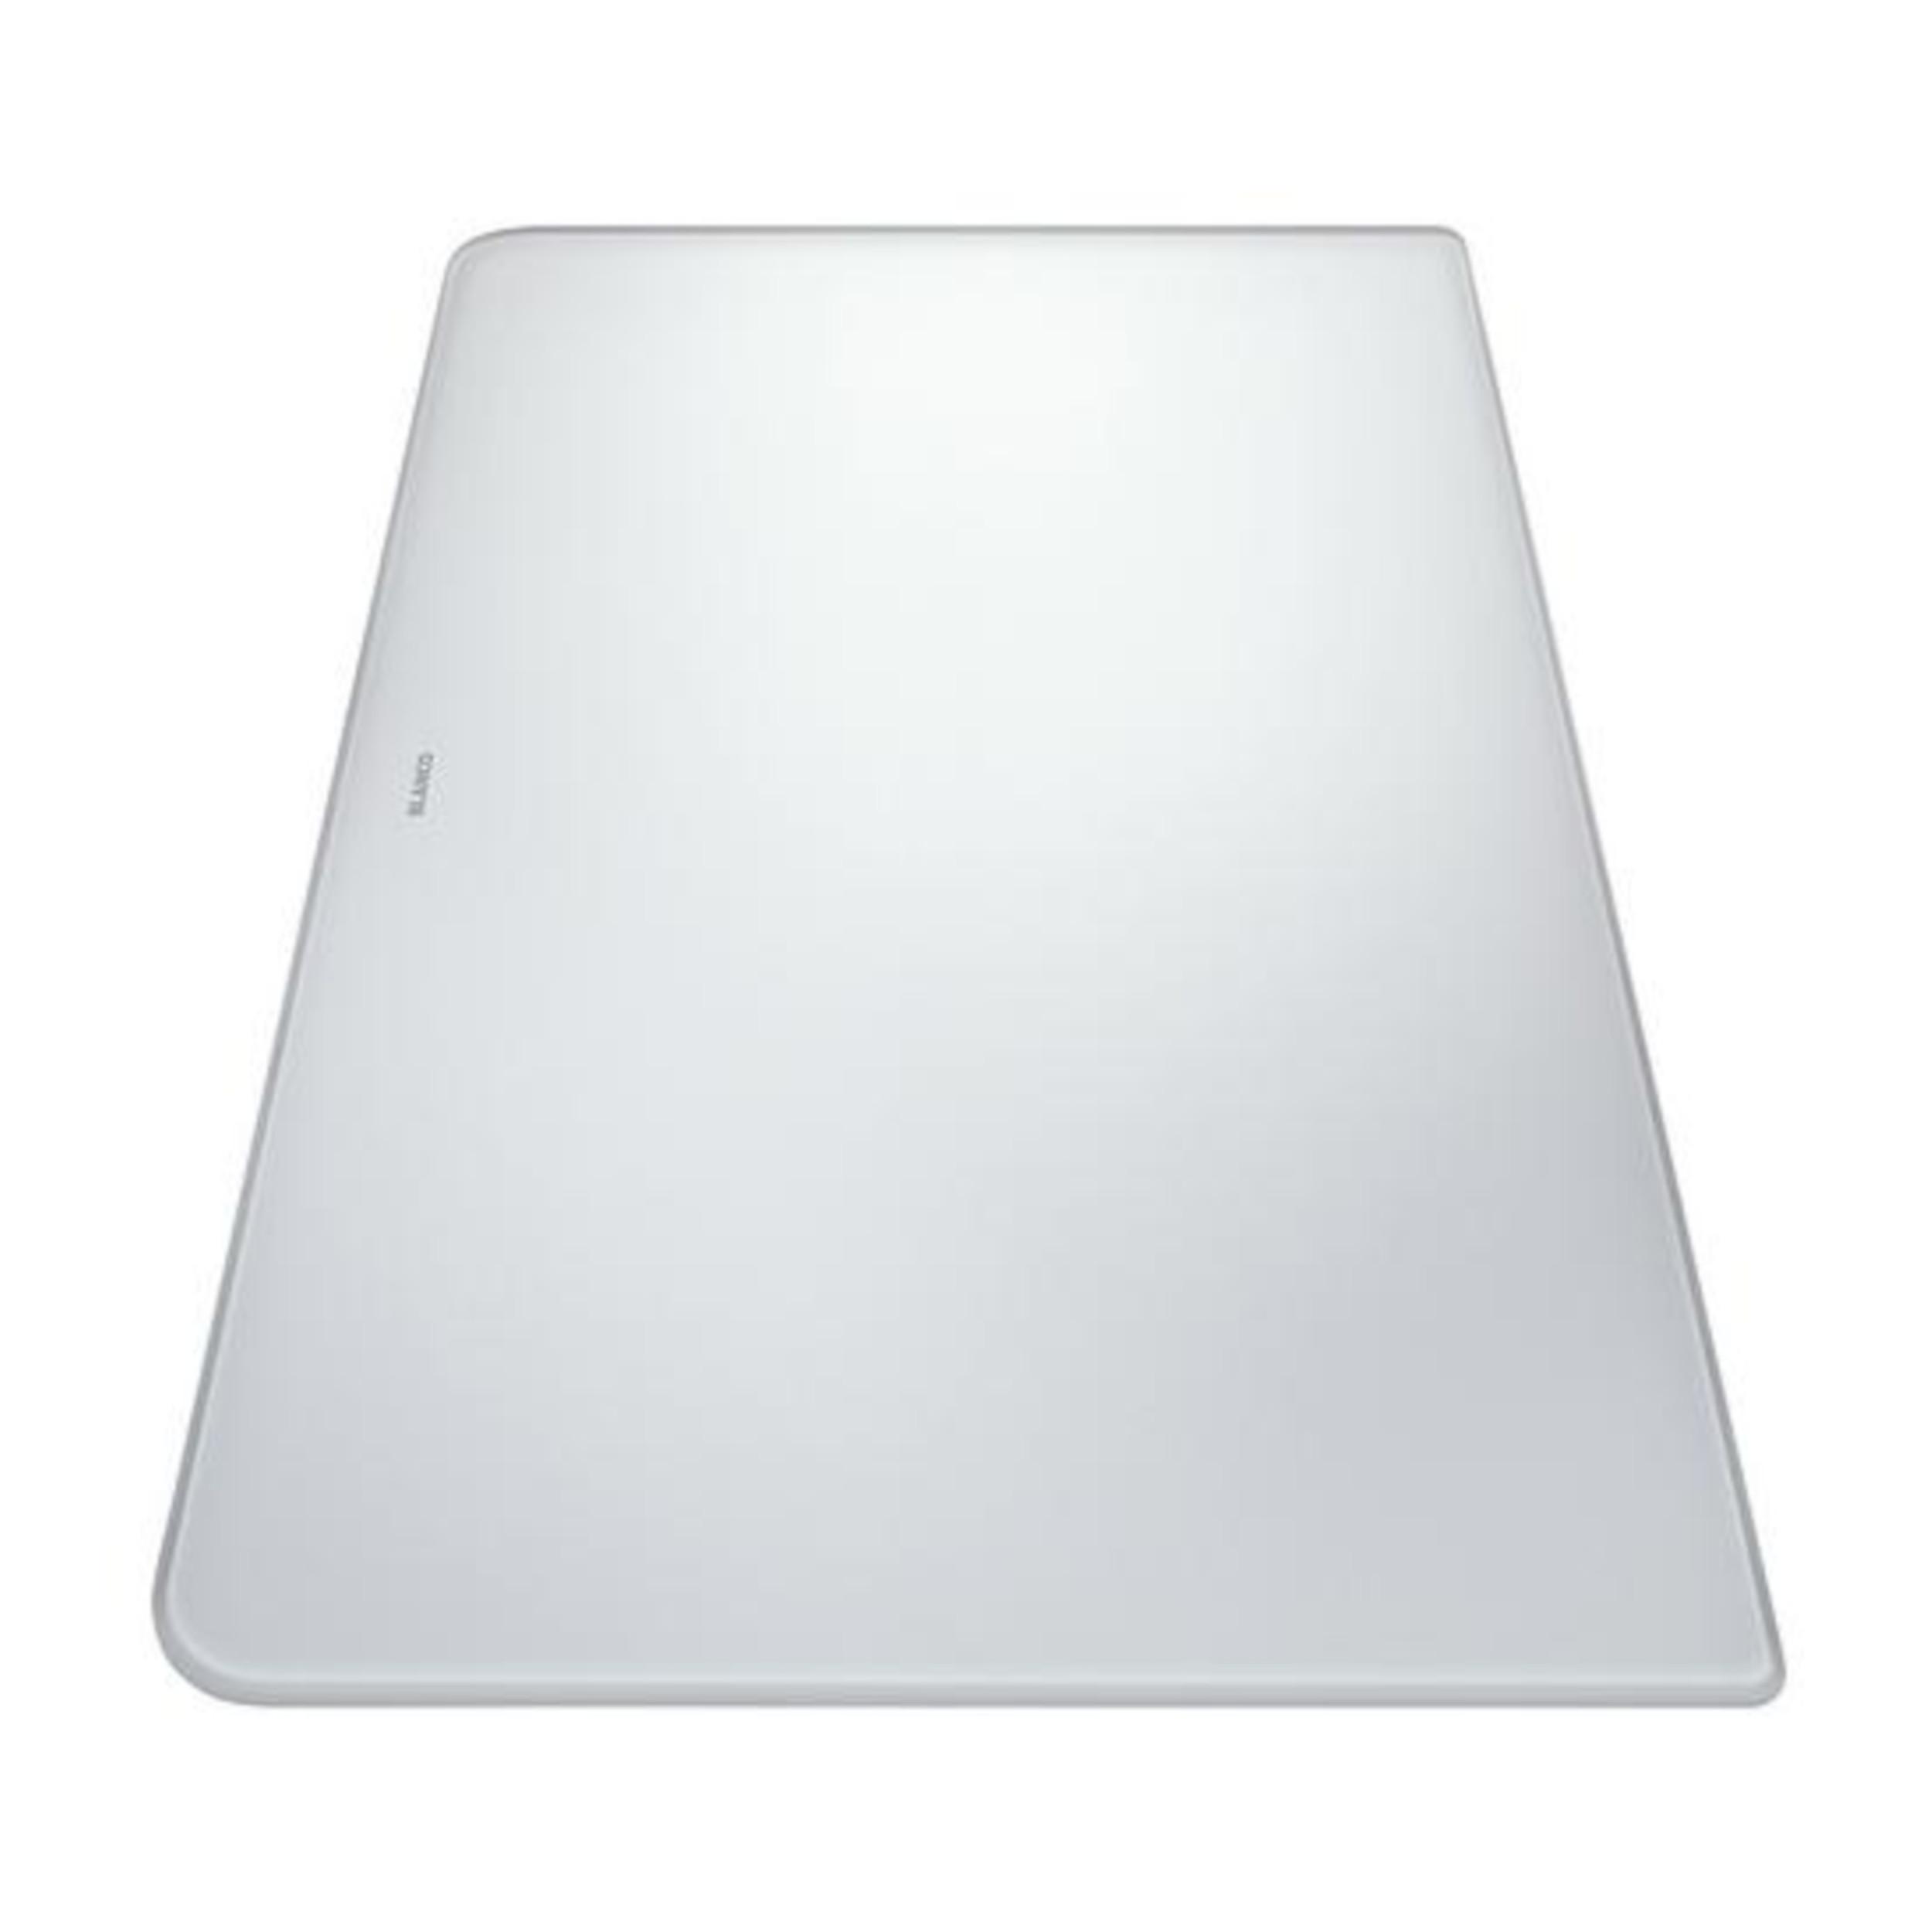 BLANCO Schneidbrett aus satiniertem Sicherheitsglas ALAROS weiß 500 x 310 mm, 224510